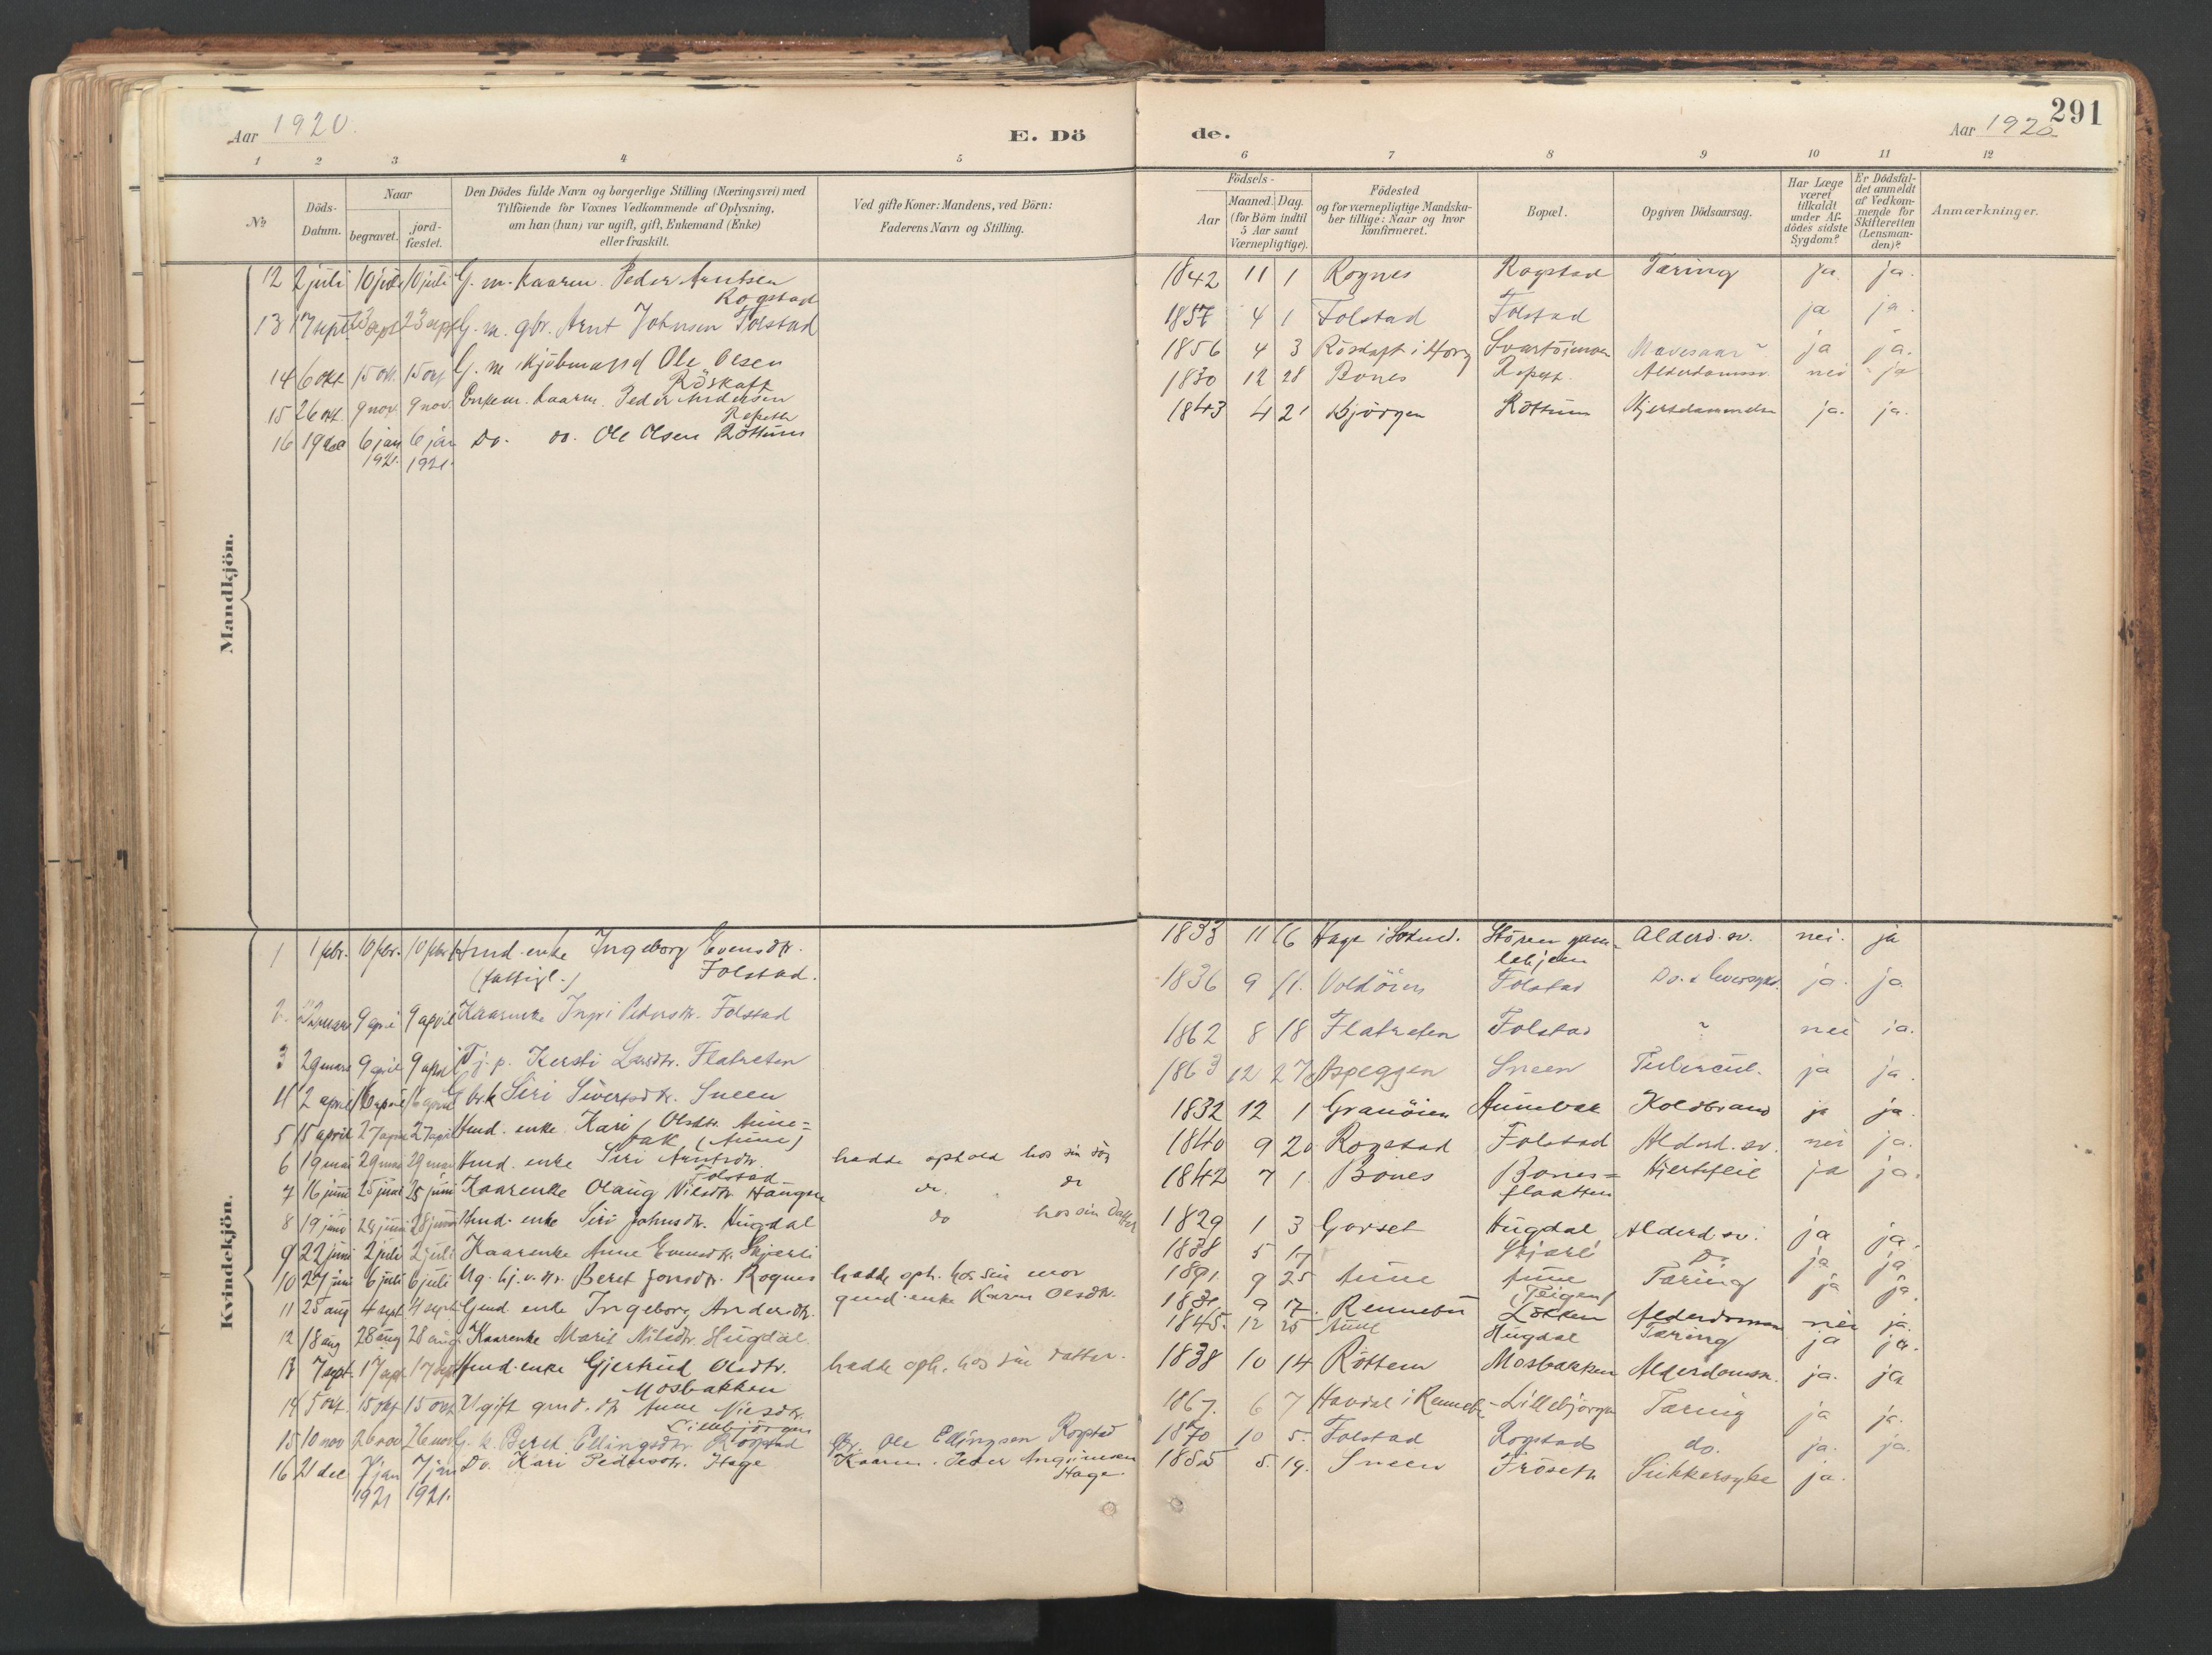 SAT, Ministerialprotokoller, klokkerbøker og fødselsregistre - Sør-Trøndelag, 687/L1004: Ministerialbok nr. 687A10, 1891-1923, s. 291